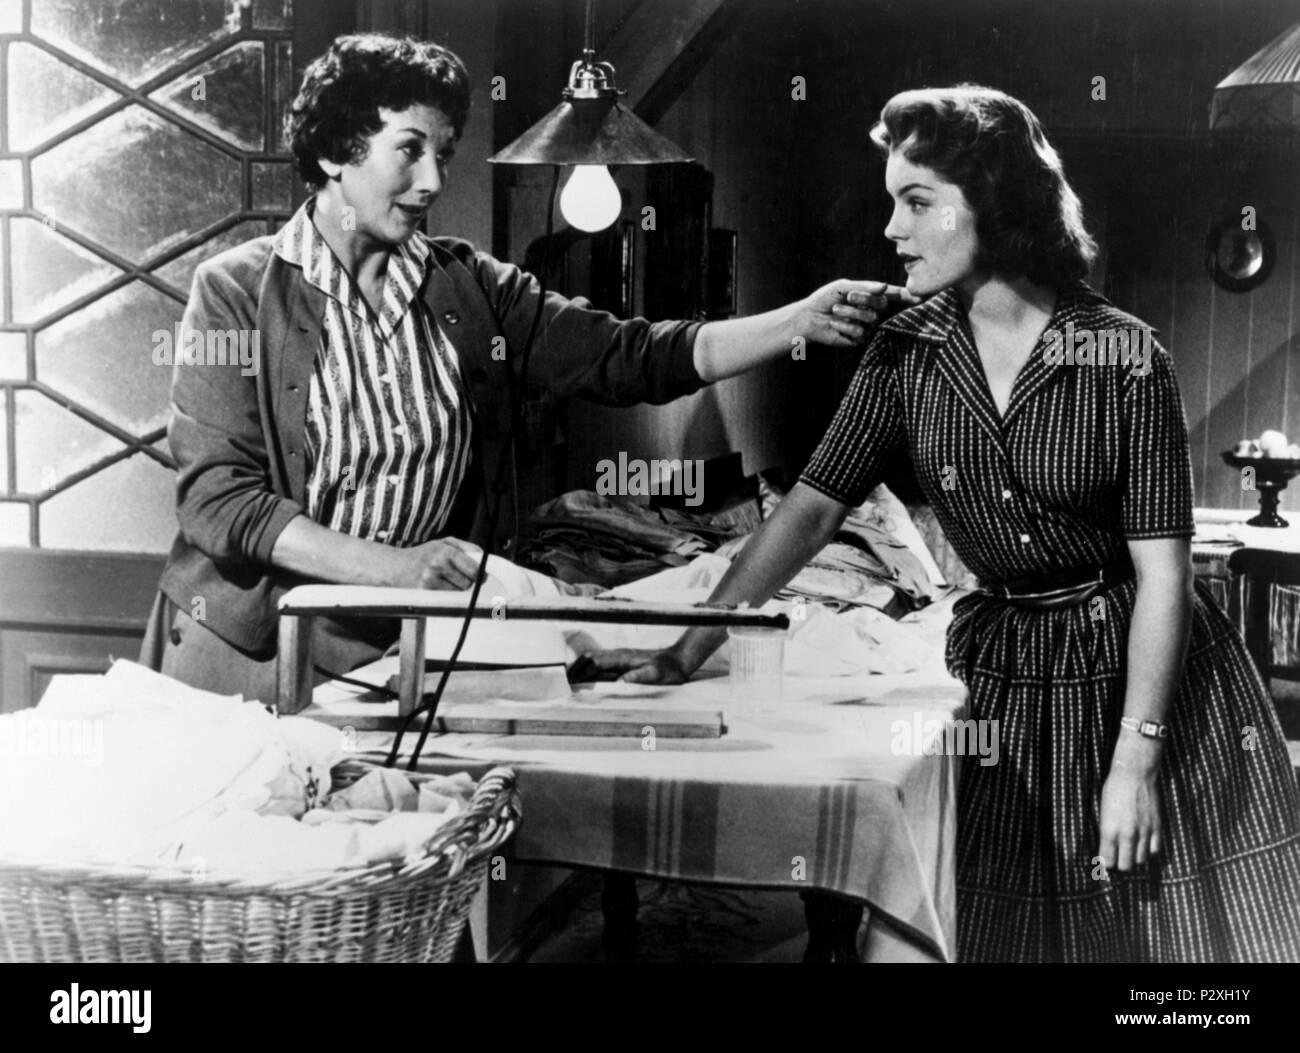 Original Film Title: KITTY UND DIE GROSSE WELT.  English Title: KITTY UND DIE GROSSE WELT.  Film Director: ALFRED WEIDENMANN.  Year: 1956.  Stars: ROMY SCHNEIDER. - Stock Image